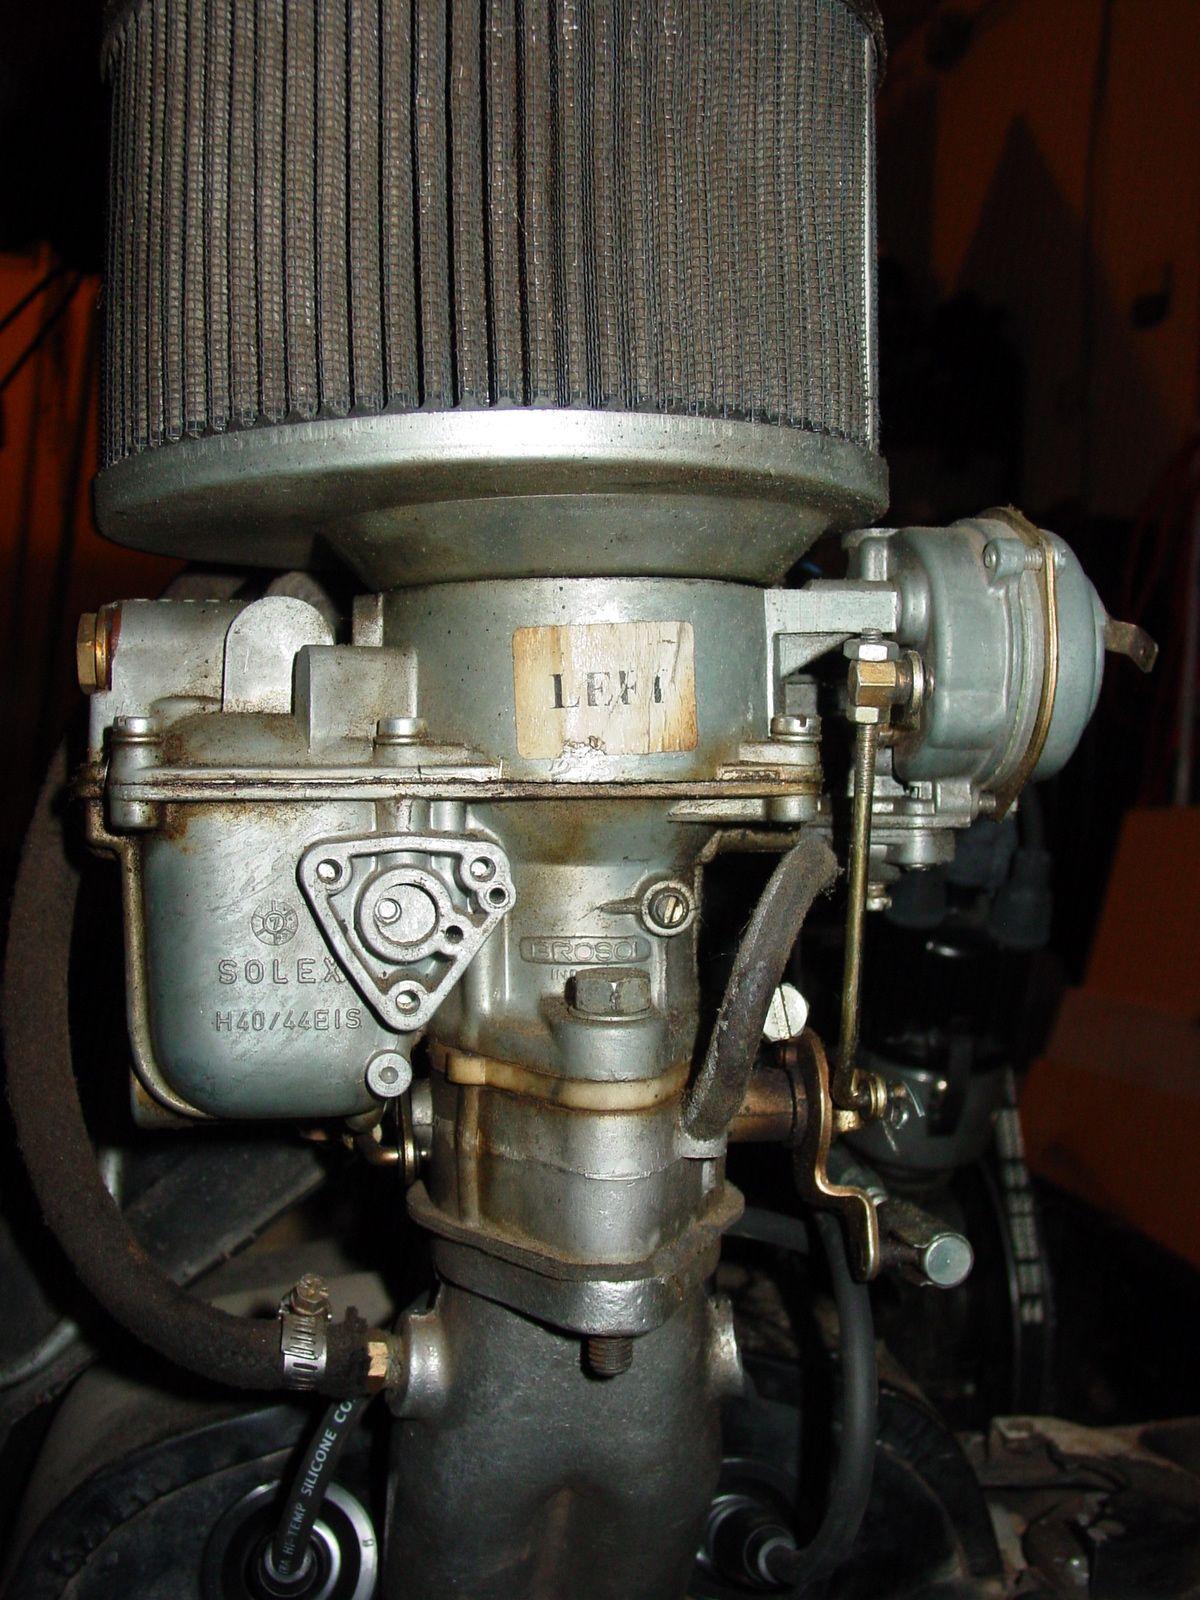 solex h40 44 eis dual carbs